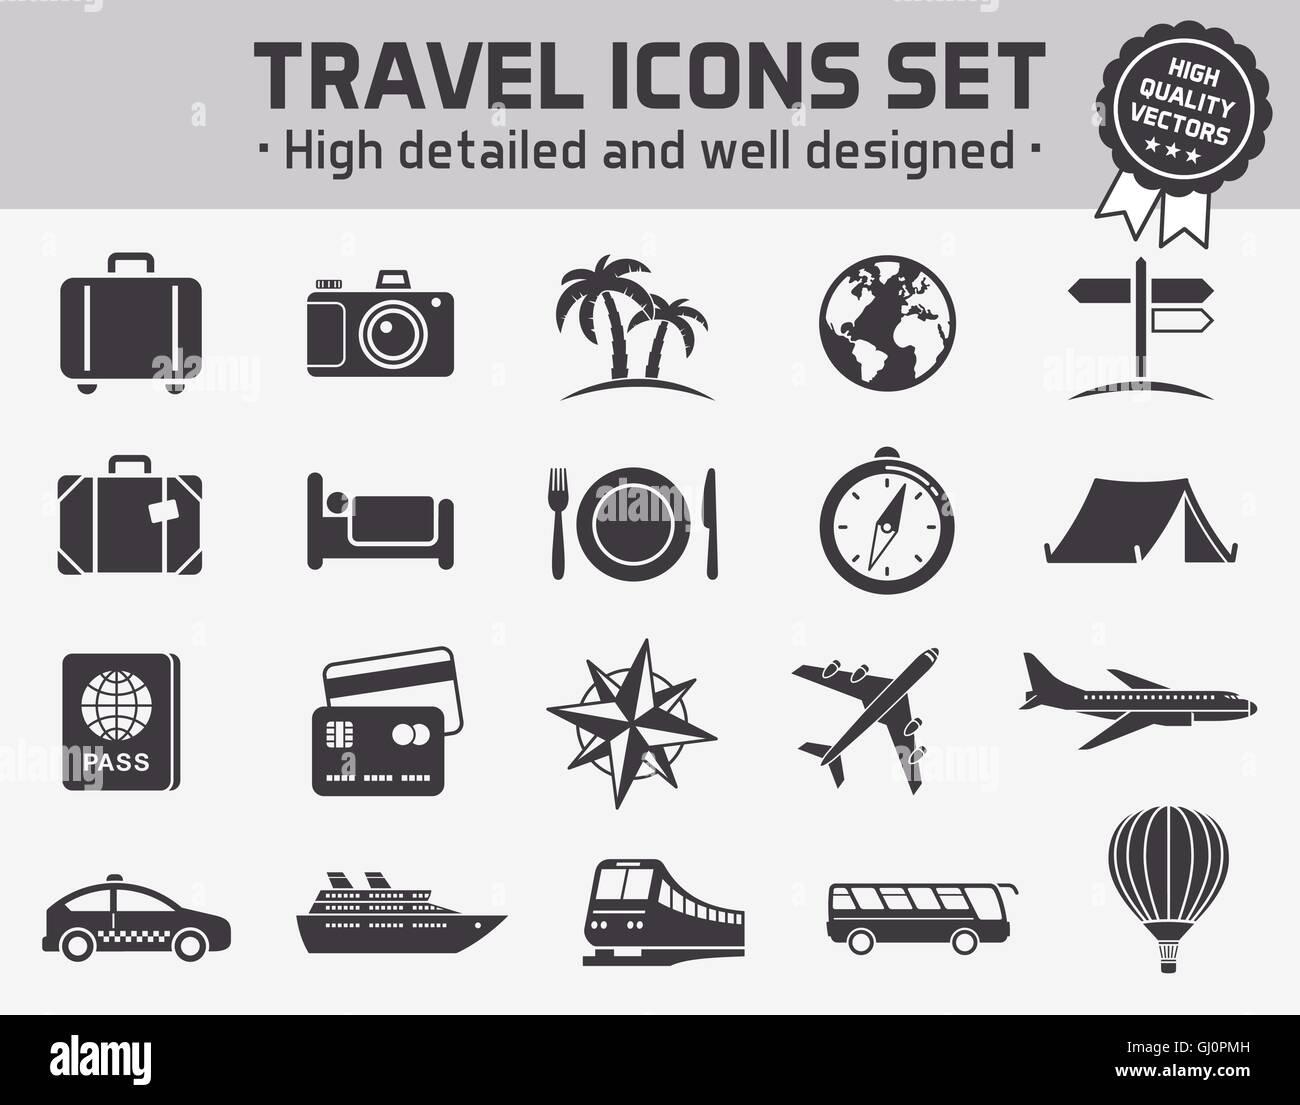 Colección de 20 iconos de alta calidad para viajes de turismo ant. Imagen De Stock